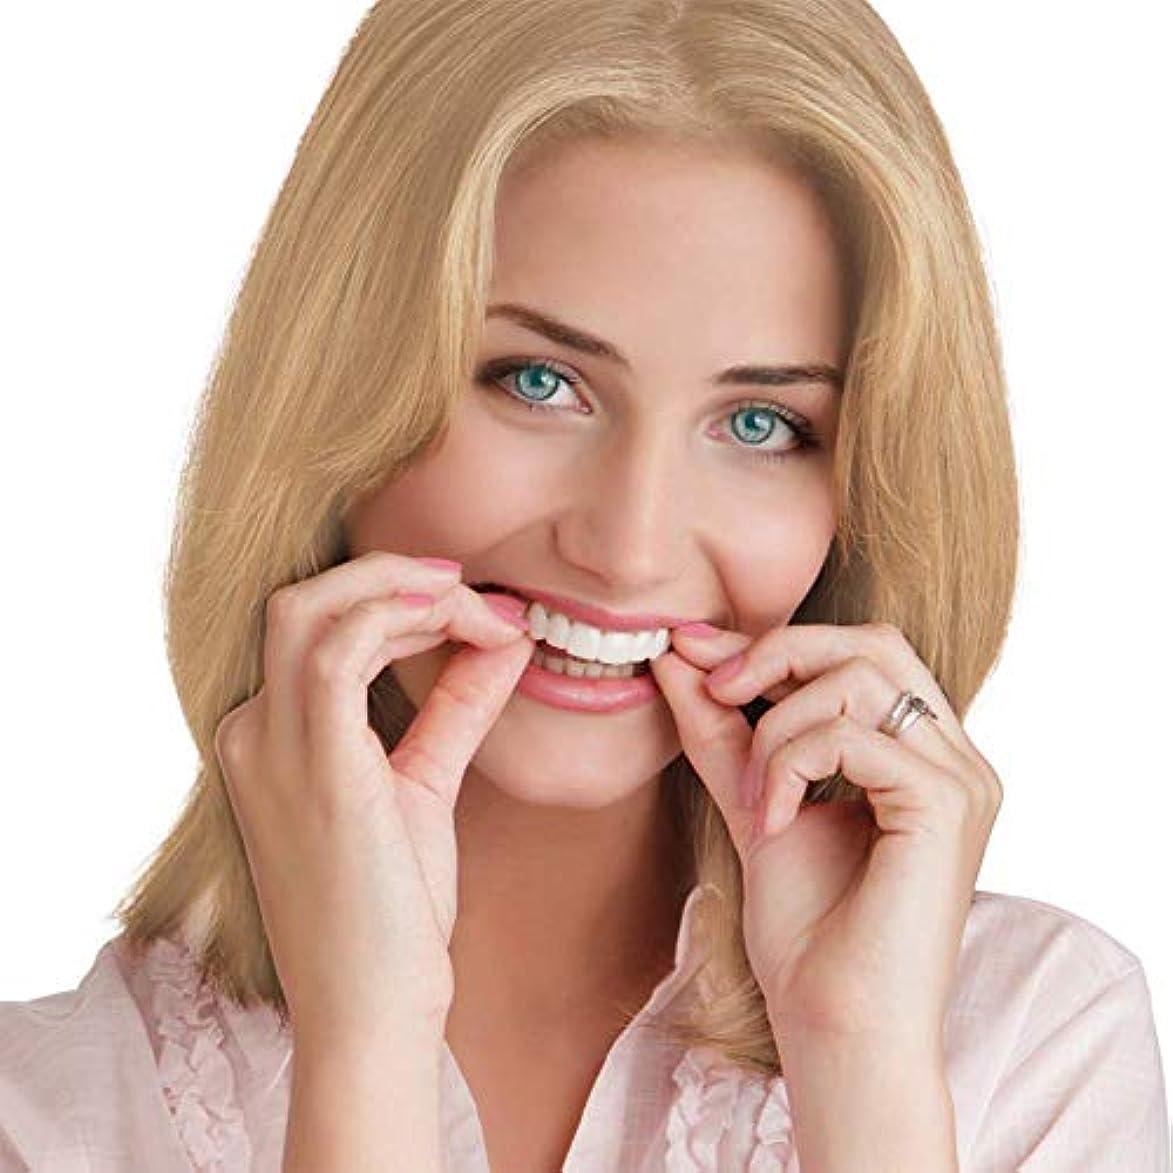 エレクトロニック羊飼い折インスタントスマイルコンフォートフィット化粧品義歯義歯ベニア歯コンフォートフィットフレックス化粧品歯上歯突き板および下突き板 - 歯突き板,8PcsA